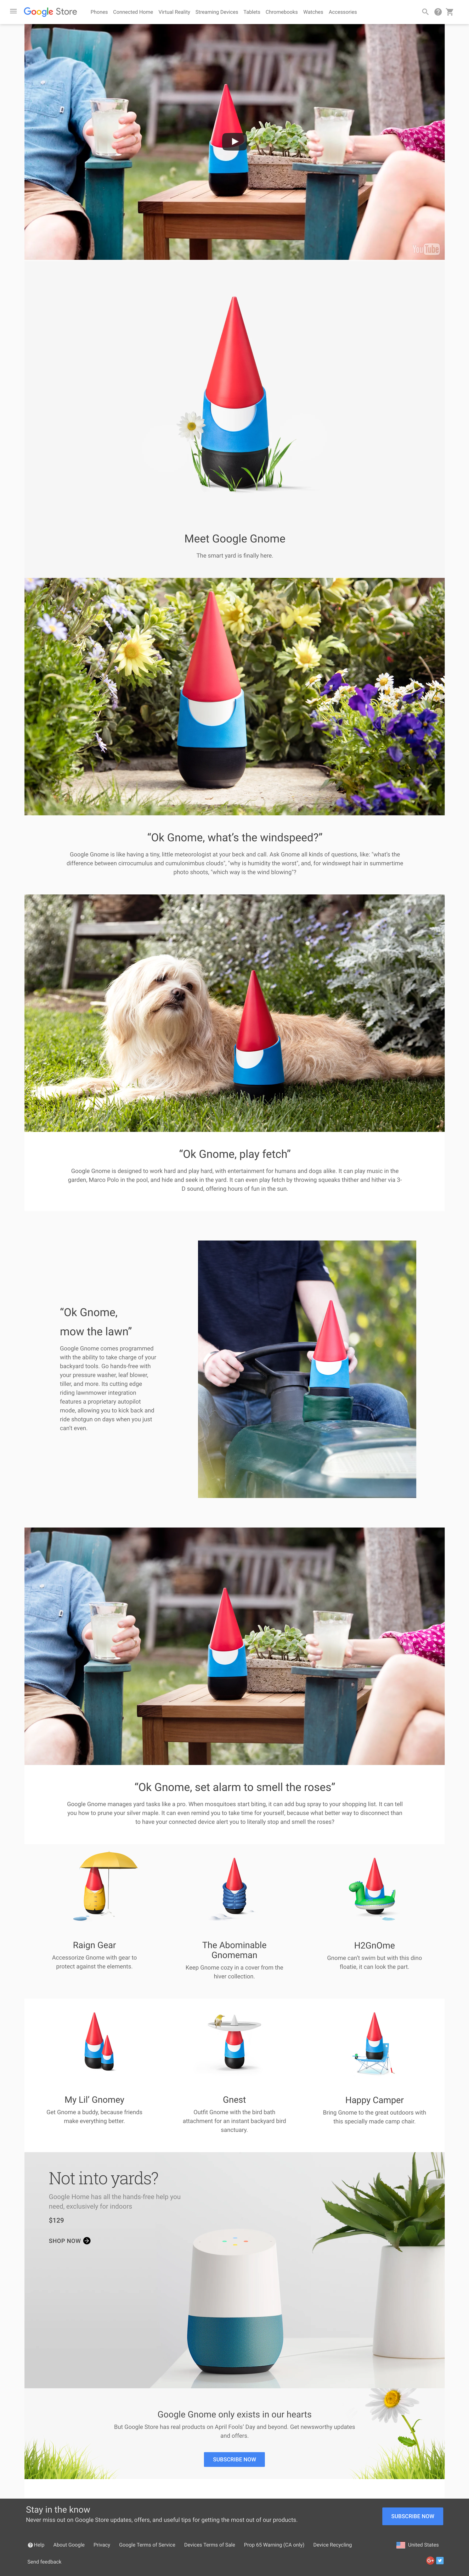 Google Gnome — Greg Calvert